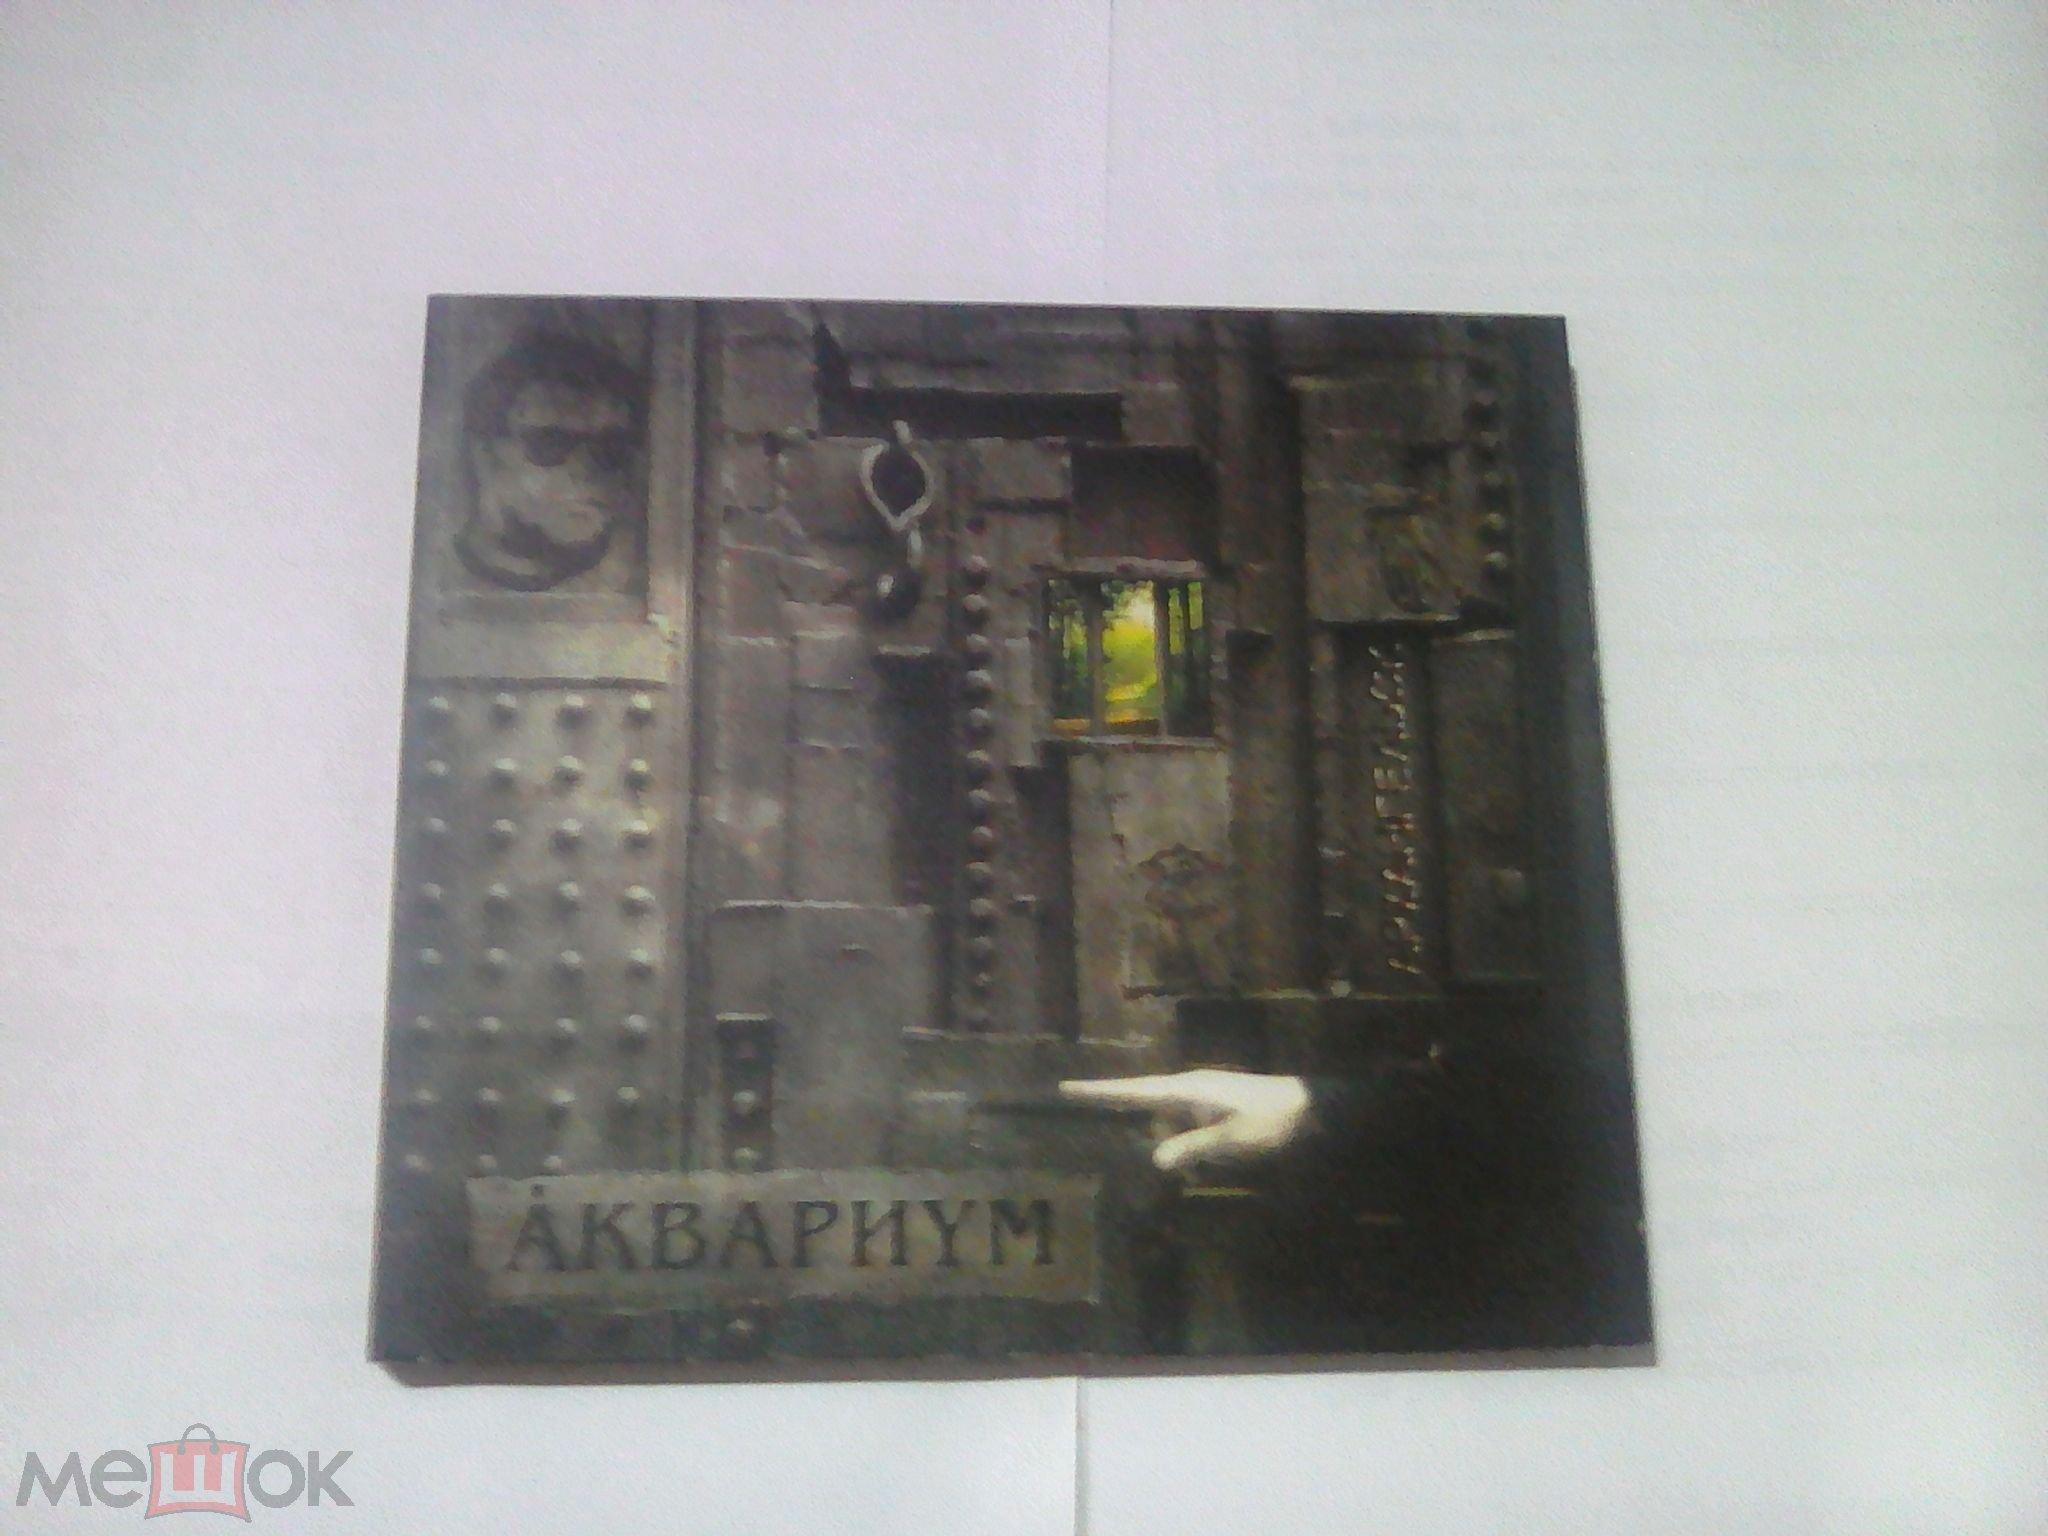 e4dddbe81491 СД Автограф всей группы Аквариум на альбоме